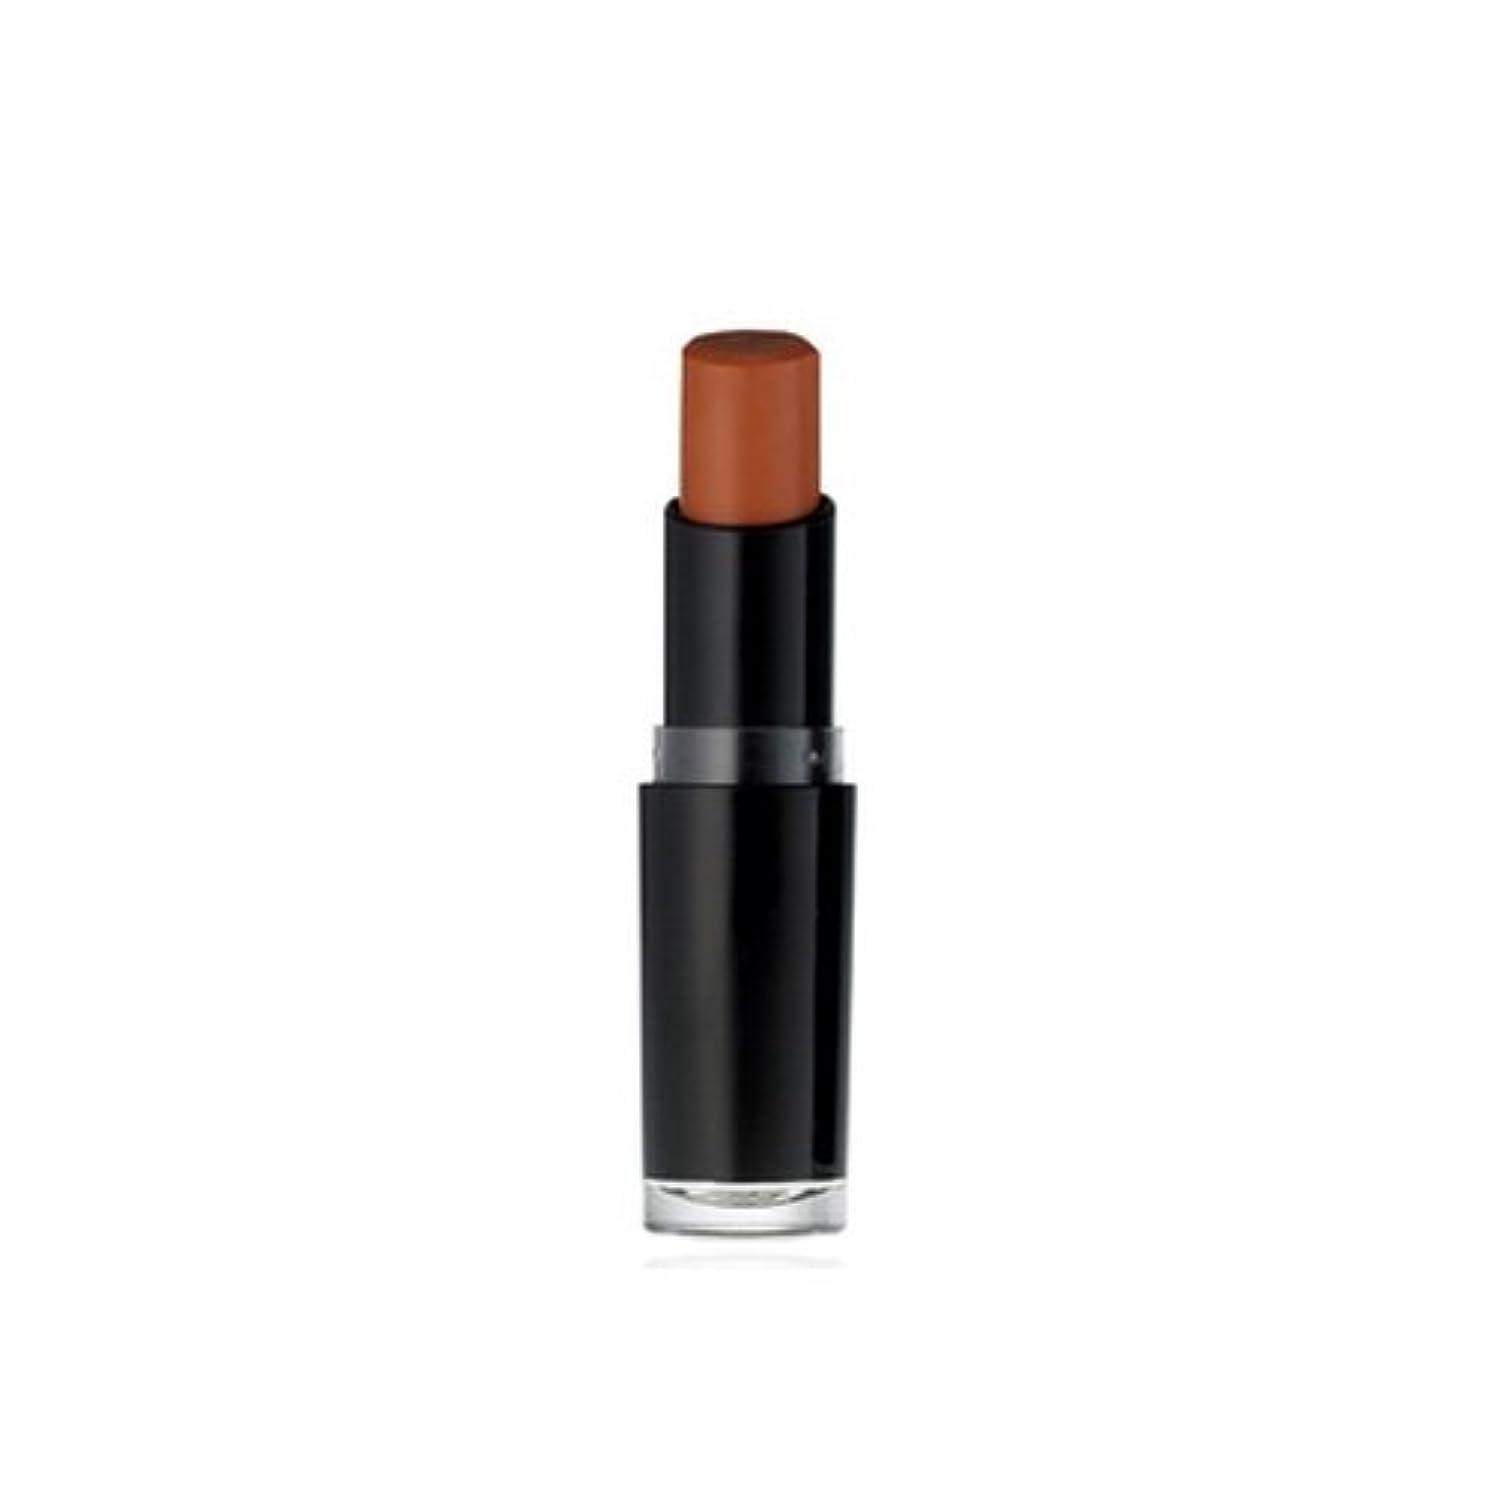 アクセサリー流す実験室(3 Pack) WET N WILD Mega Last Matte Lip Cover - Bare It All (並行輸入品)